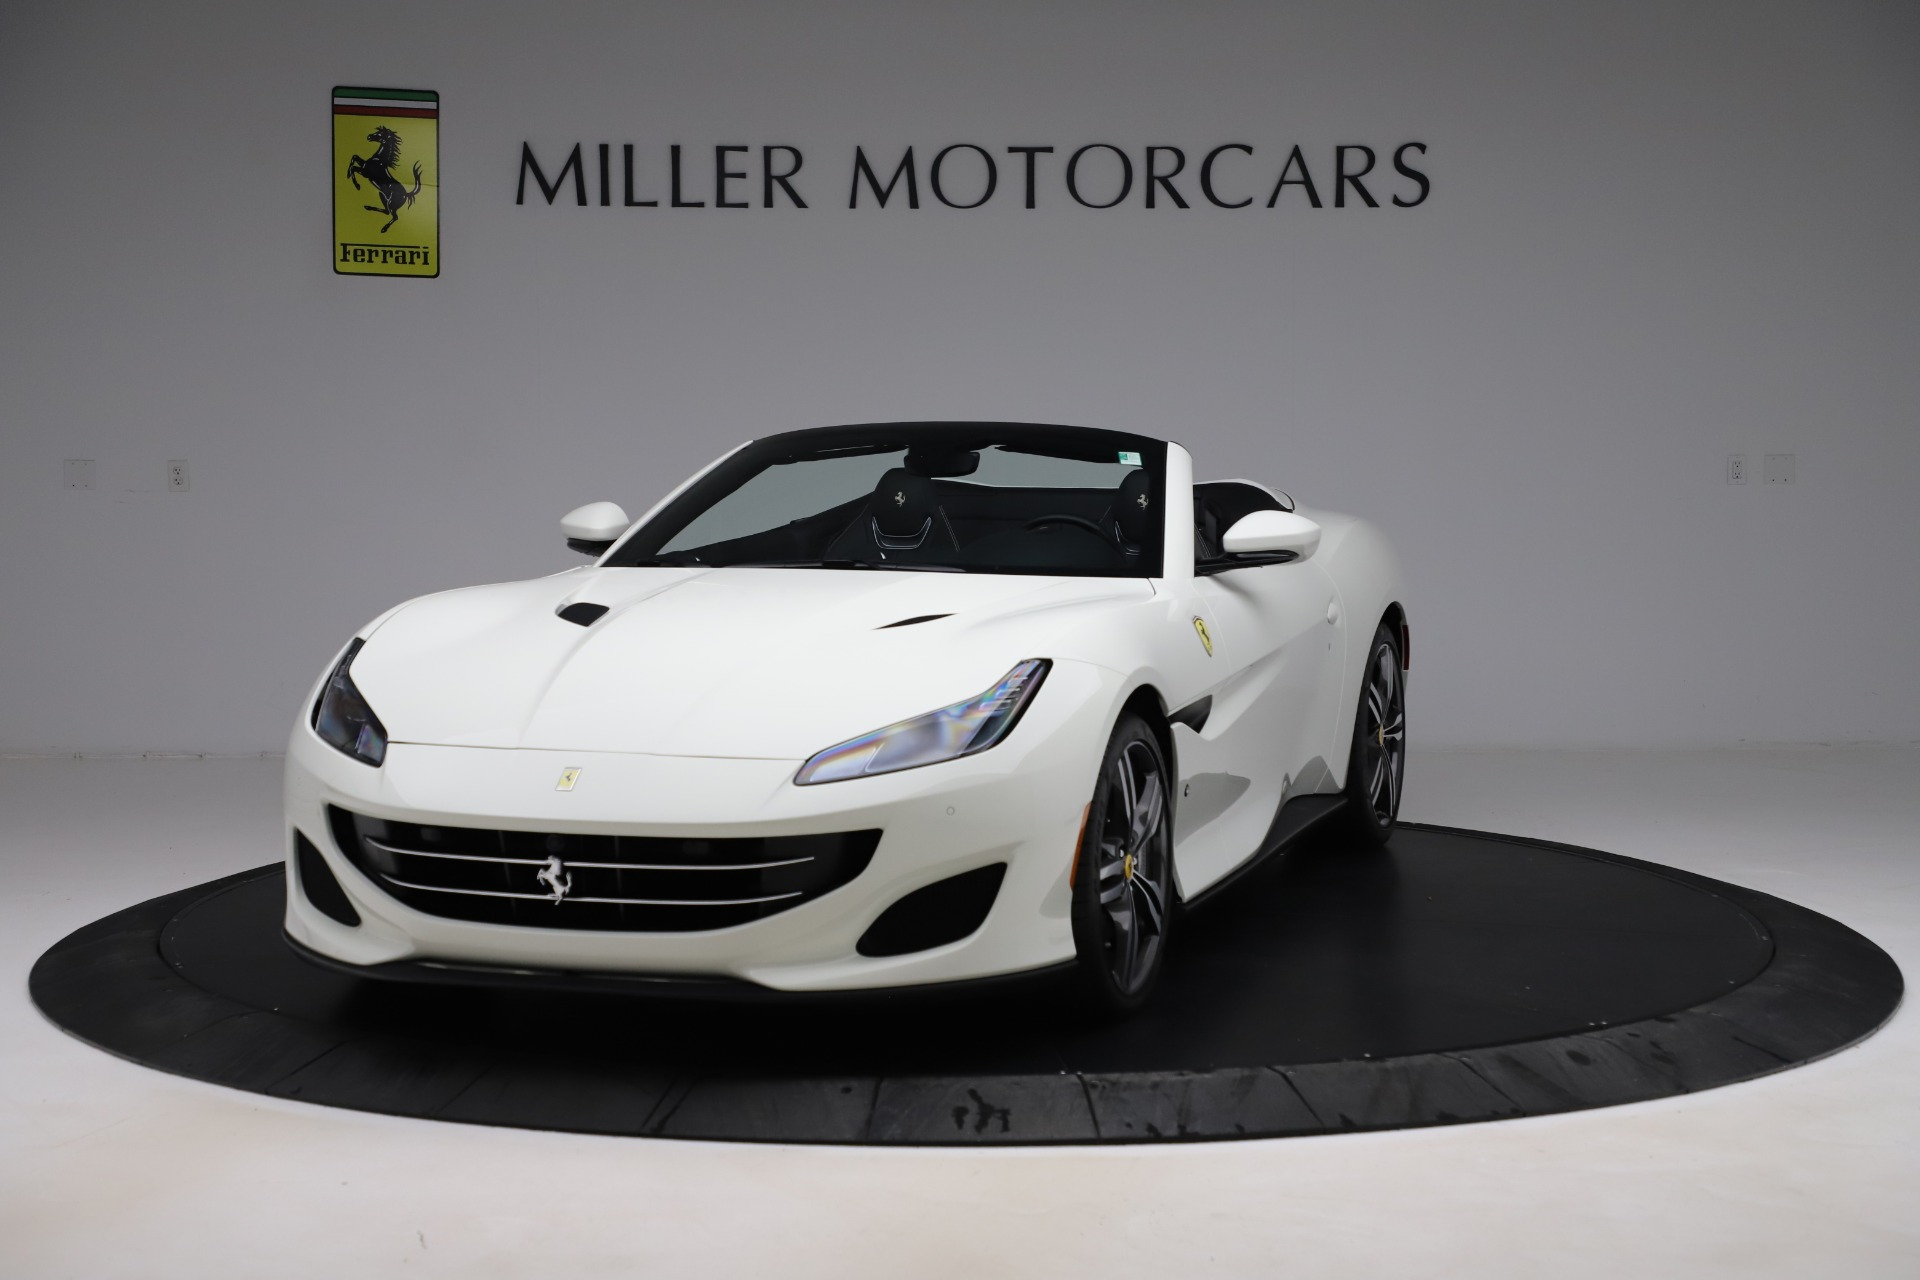 Used 2019 Ferrari Portofino for sale Sold at Maserati of Greenwich in Greenwich CT 06830 1